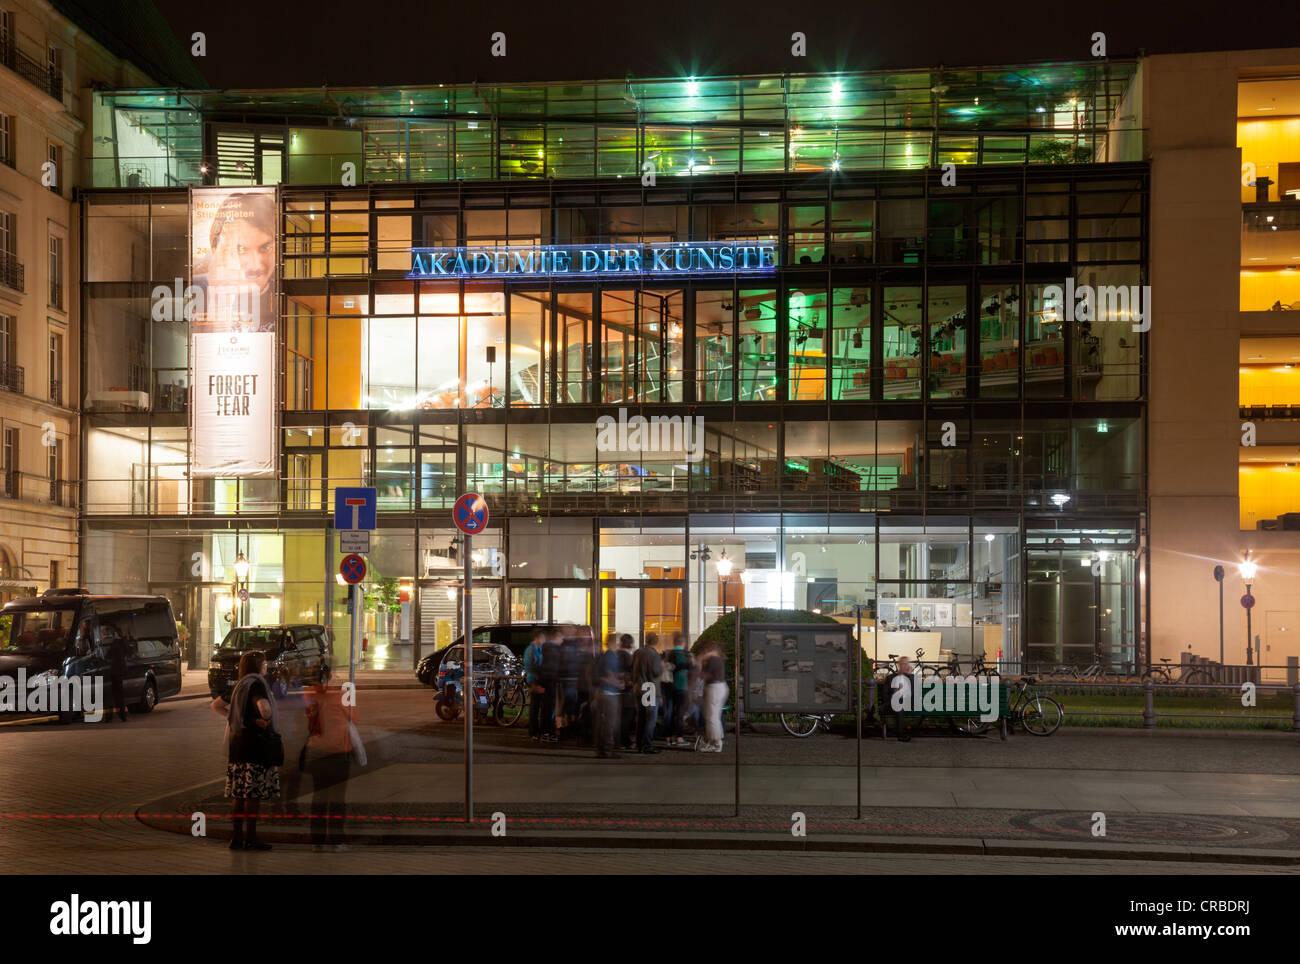 Akademie der Künste, Pariser Platz, Berlin, Deutschland Stockbild